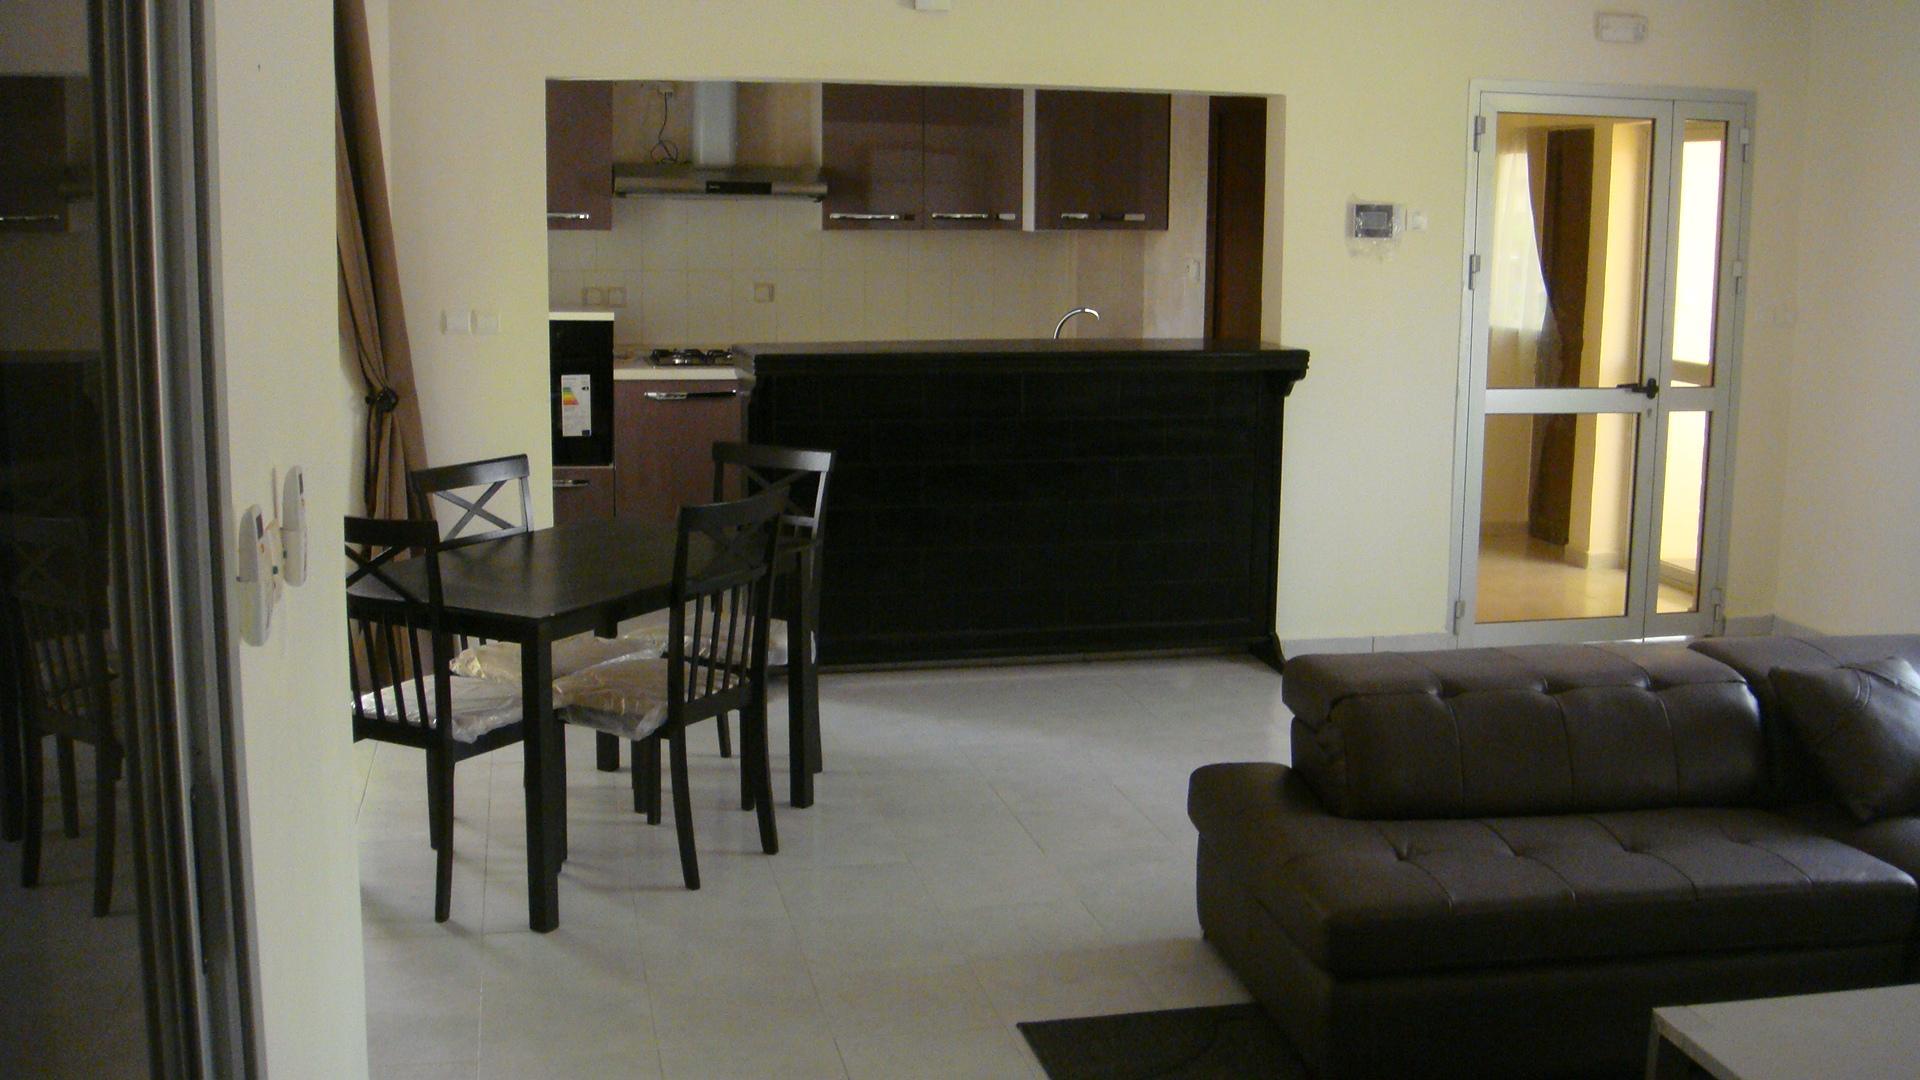 Appartement Moderne Meubl Et Climatis Louer L 39 Aci Location Meuble Et Taxe  D Habitation